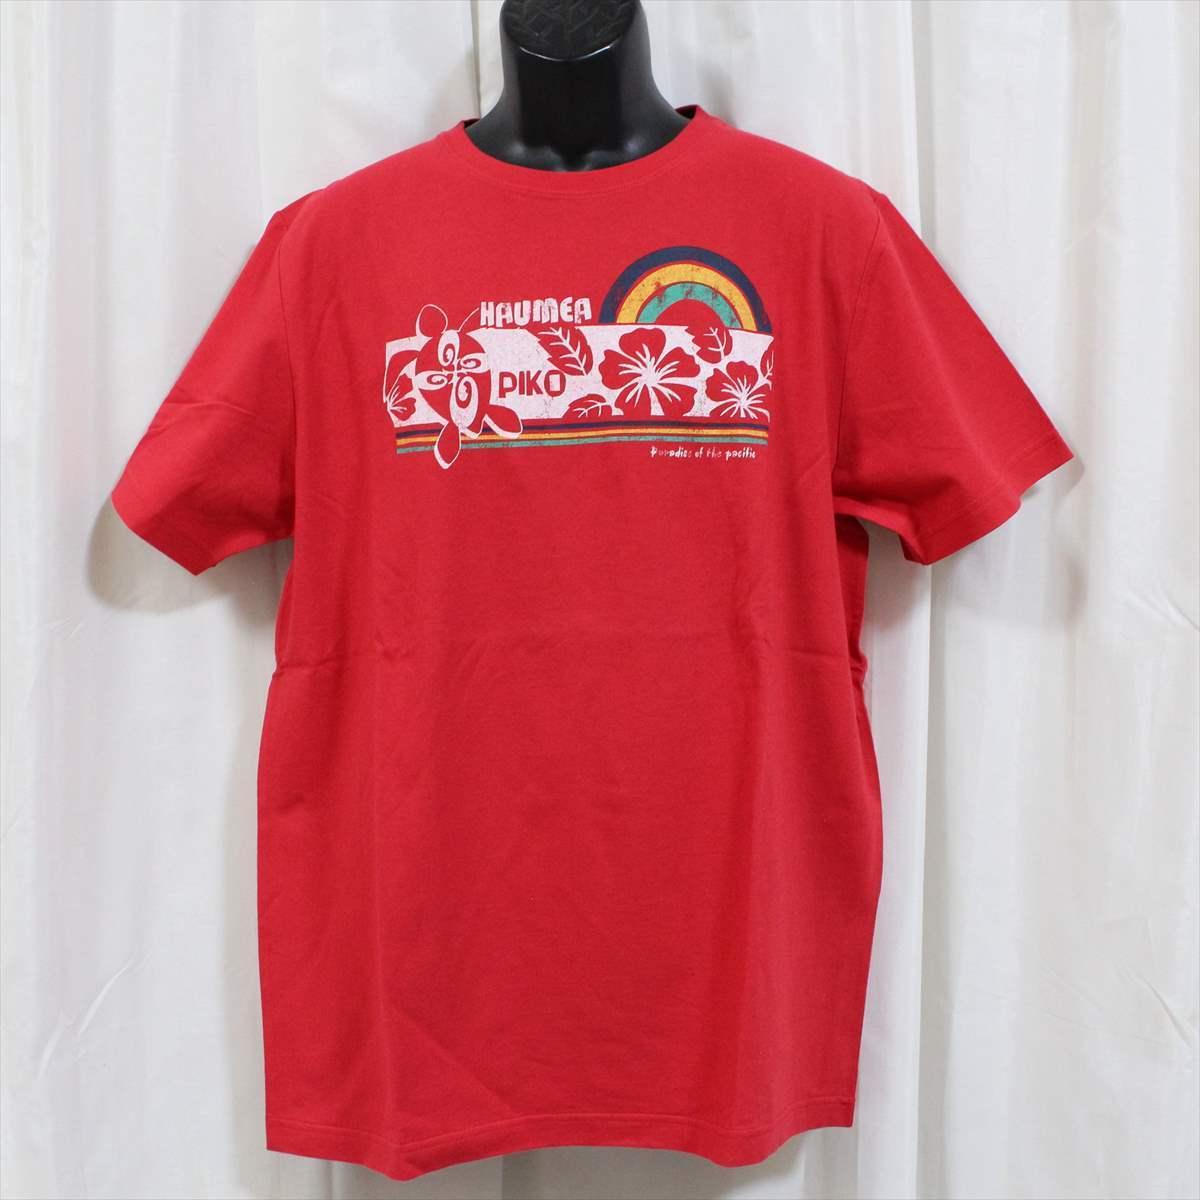 ピコ PIKO メンズ半袖Tシャツ レッド XLサイズ 新品 HAWAIIAN LONGBOARD WEAR 赤_画像1